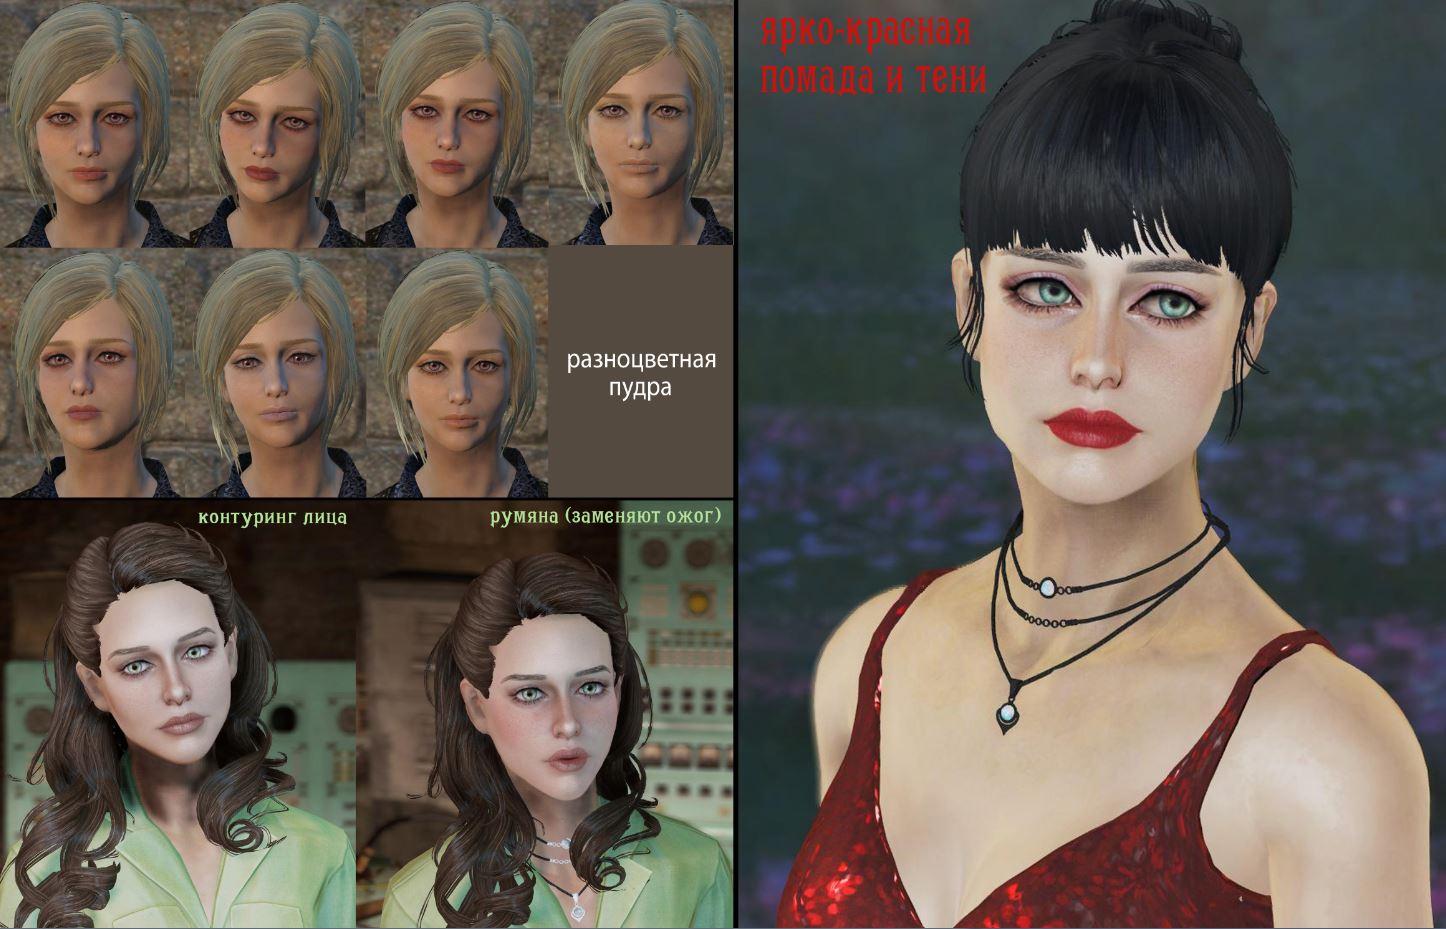 Описание лиц девушек